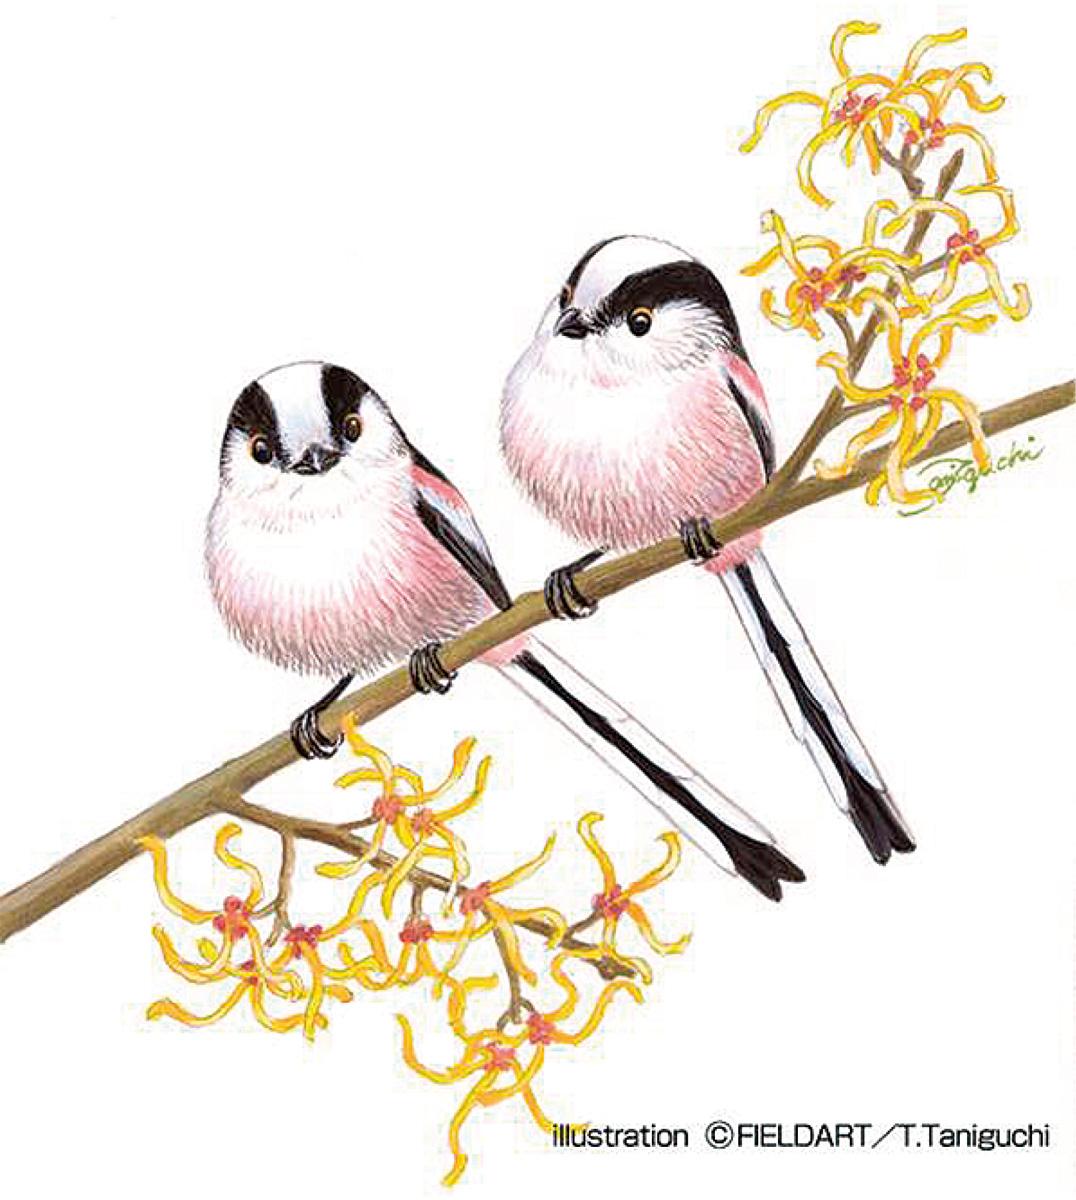 野鳥の絵を楽しく描こう